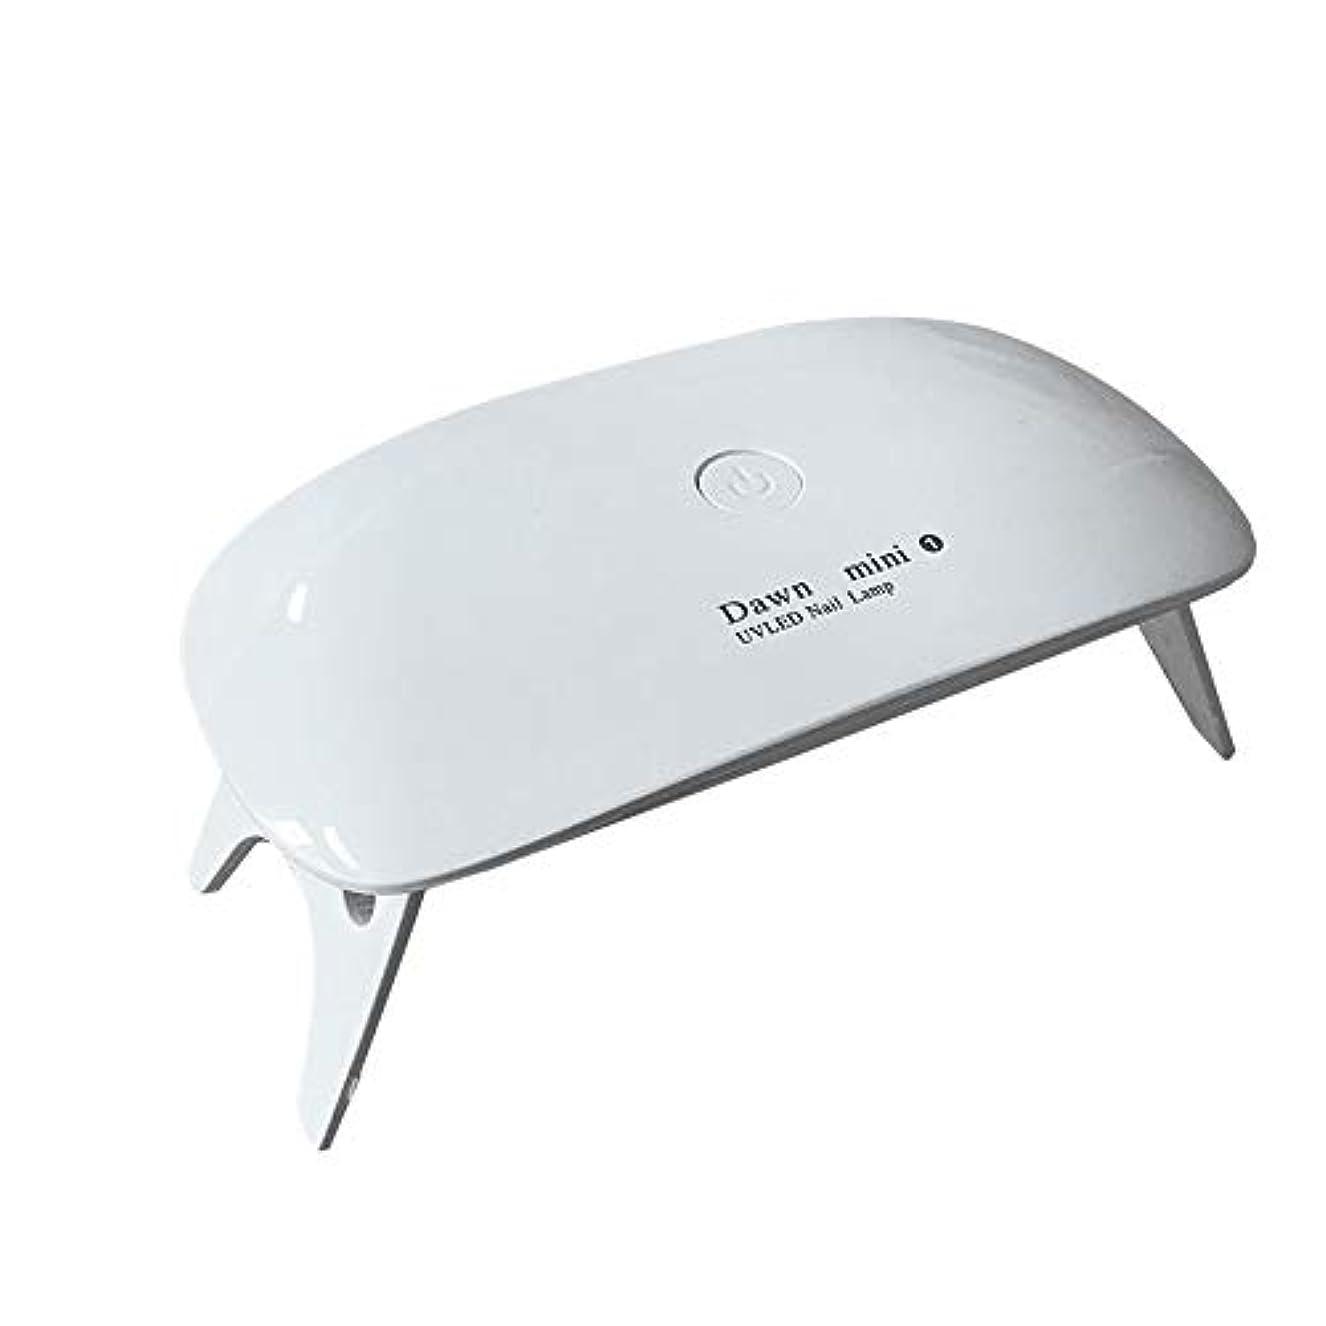 リゾートエンターテインメントれるSunnFx UVライト LEDネイルドライヤー レジン用 硬化ライト タイマー設定可能 手足とも使える UV と LEDダブルライト ジェルネイル と レジンクラフト用 コンパクト 可愛い 折りたたみ式 携帯型 (ホワイト)